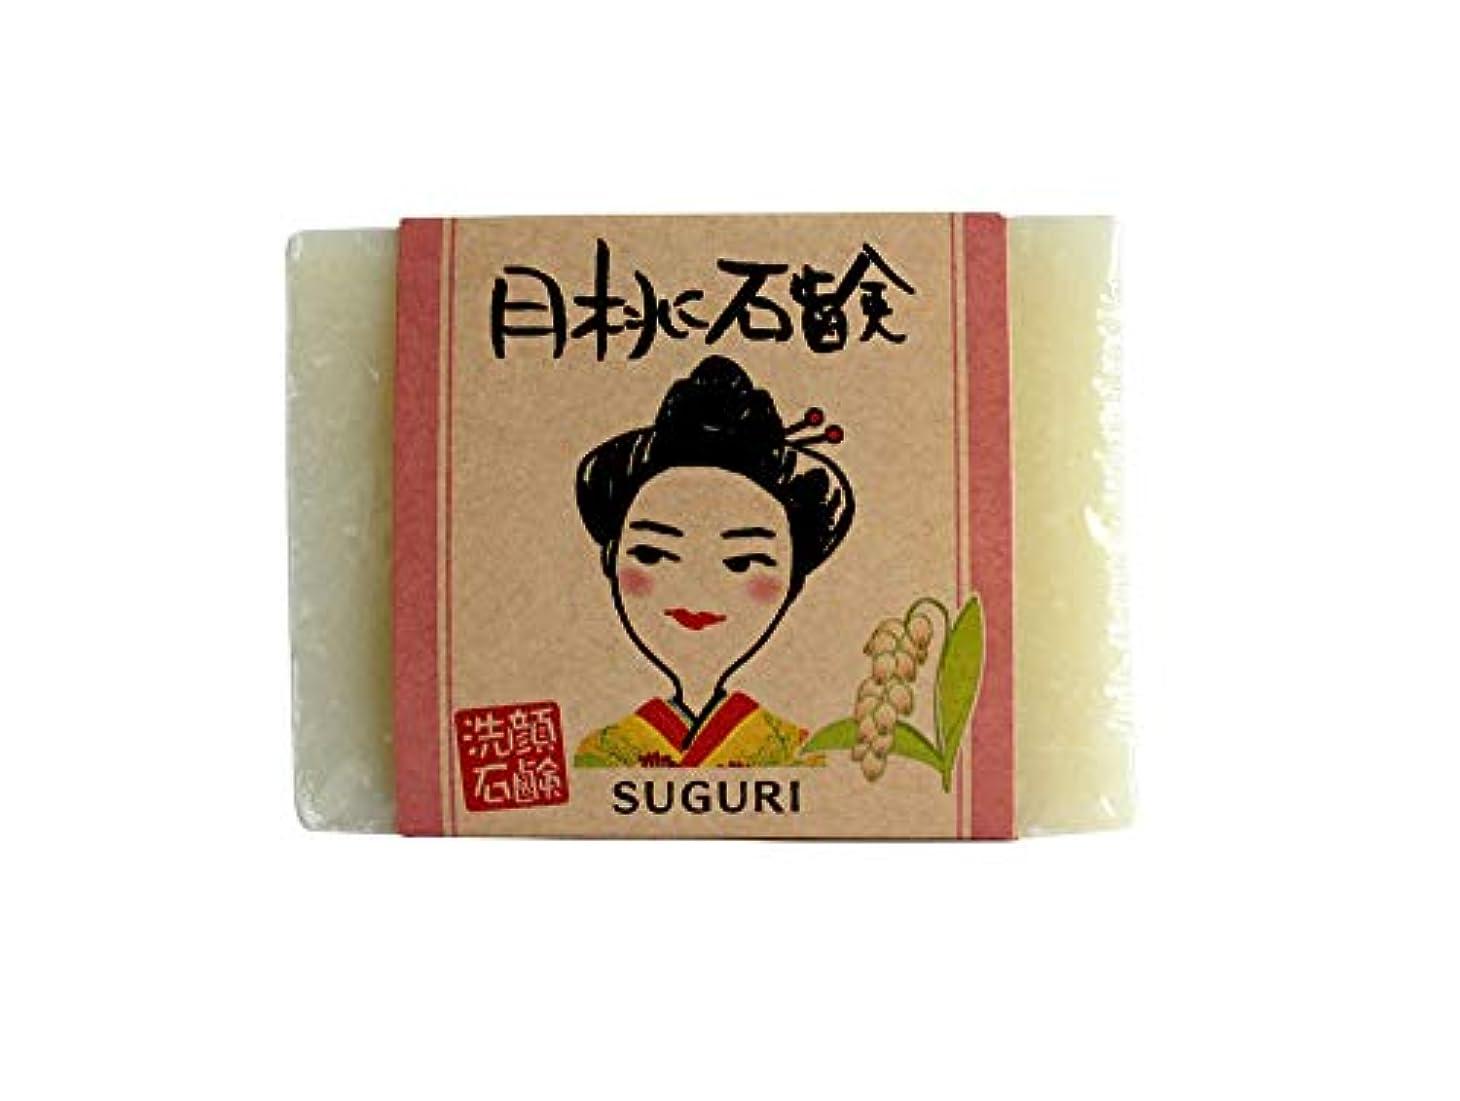 SUGURI(スグリ) 沖縄の石鹸シリーズ 月桃100g 洗顔